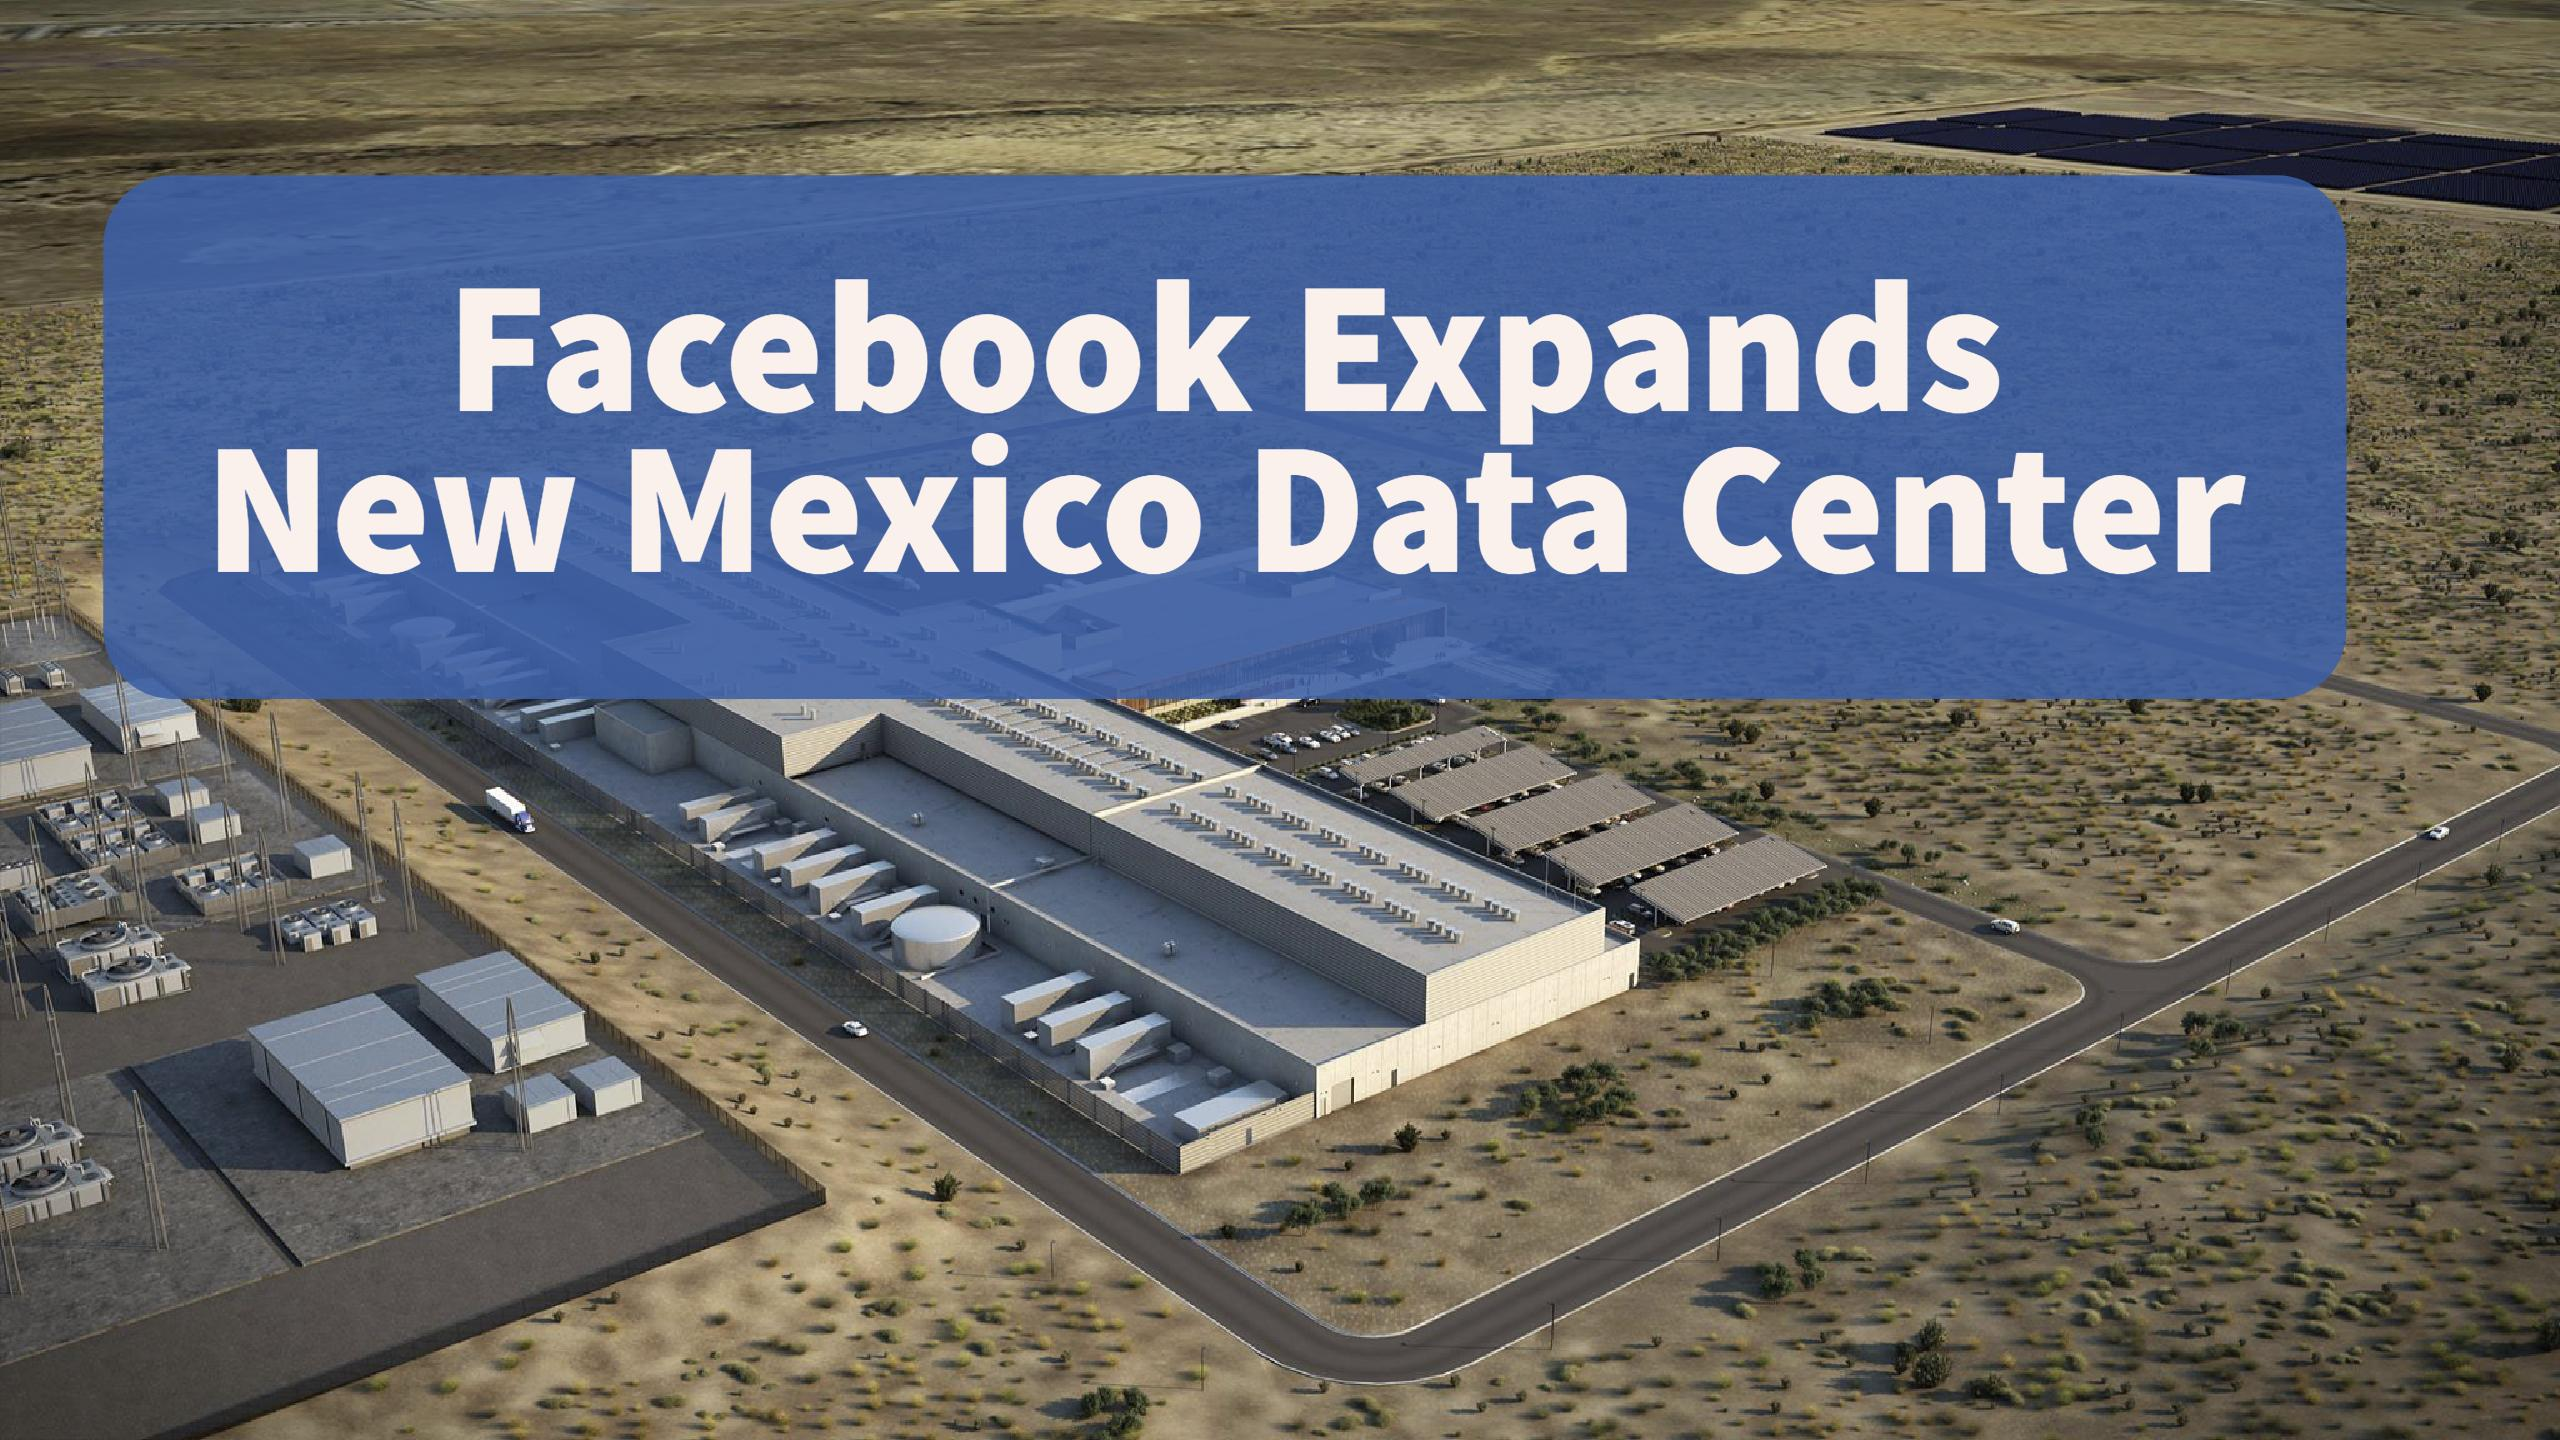 Facebook Expands New Mexico Data Center